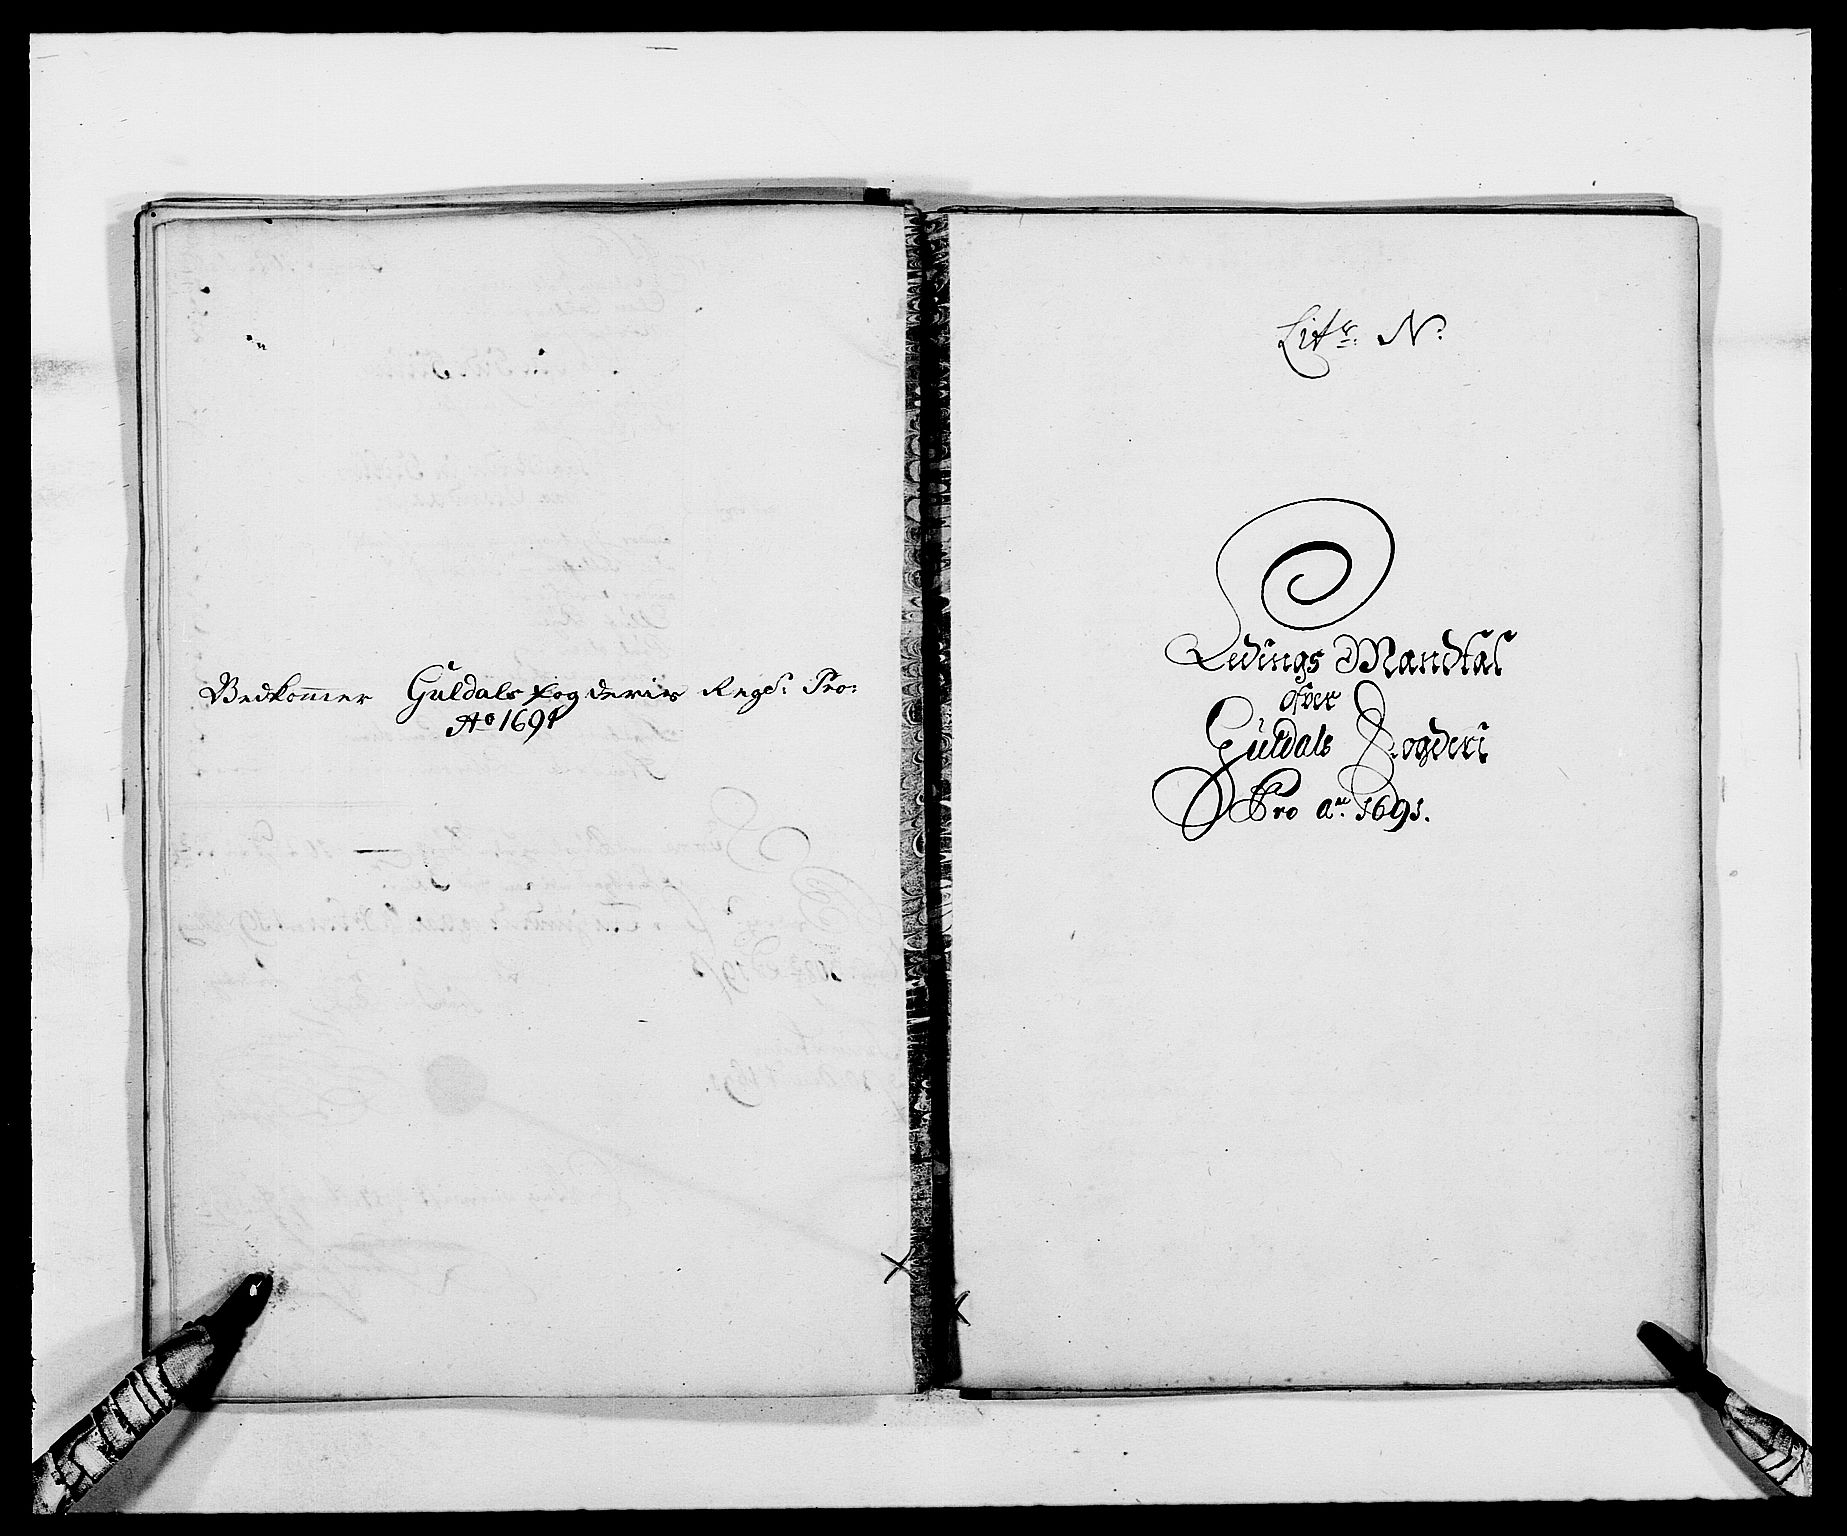 RA, Rentekammeret inntil 1814, Reviderte regnskaper, Fogderegnskap, R59/L3941: Fogderegnskap Gauldal, 1691, s. 133